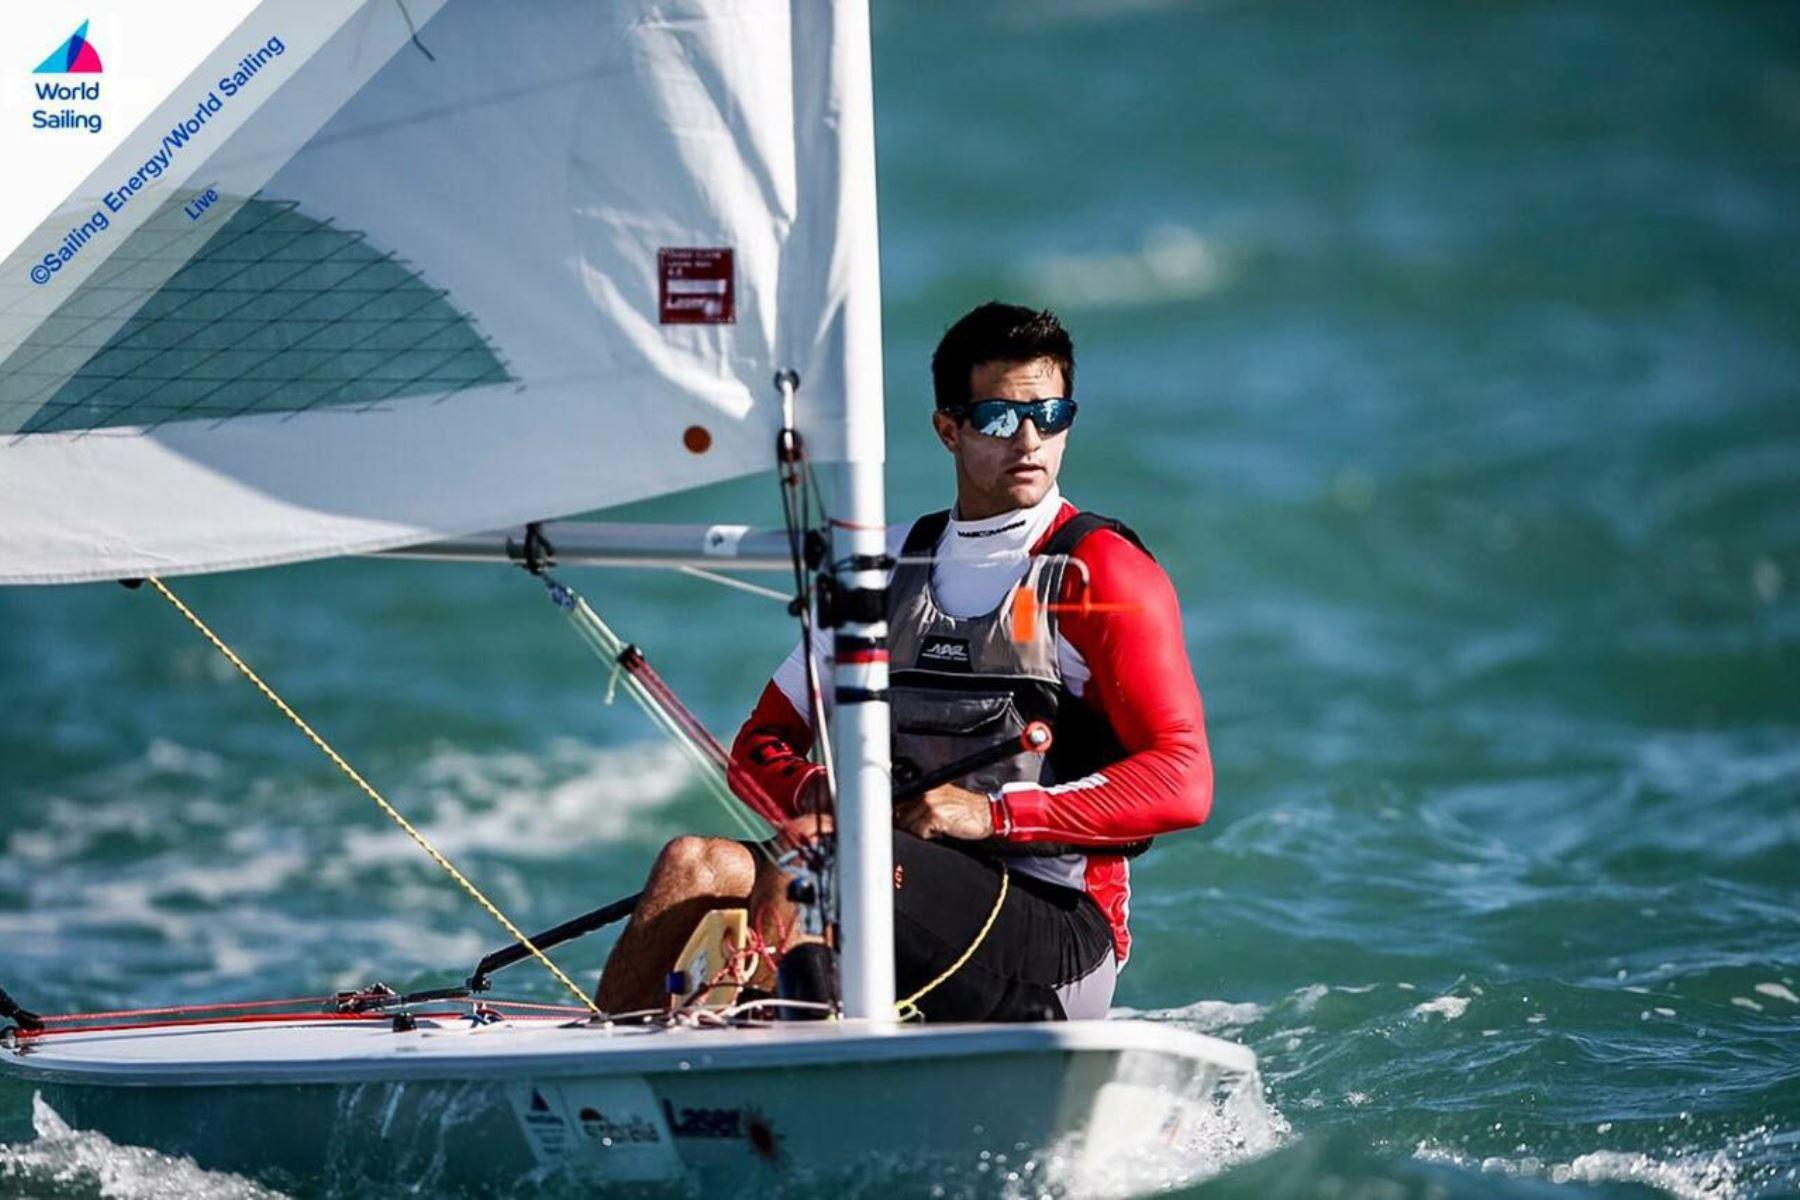 El velerista nacional Stefano Peschiera consigue la primera plaza para Perú en los Juegos Olímpicos. Foto: Facebook Stefano Peschiera